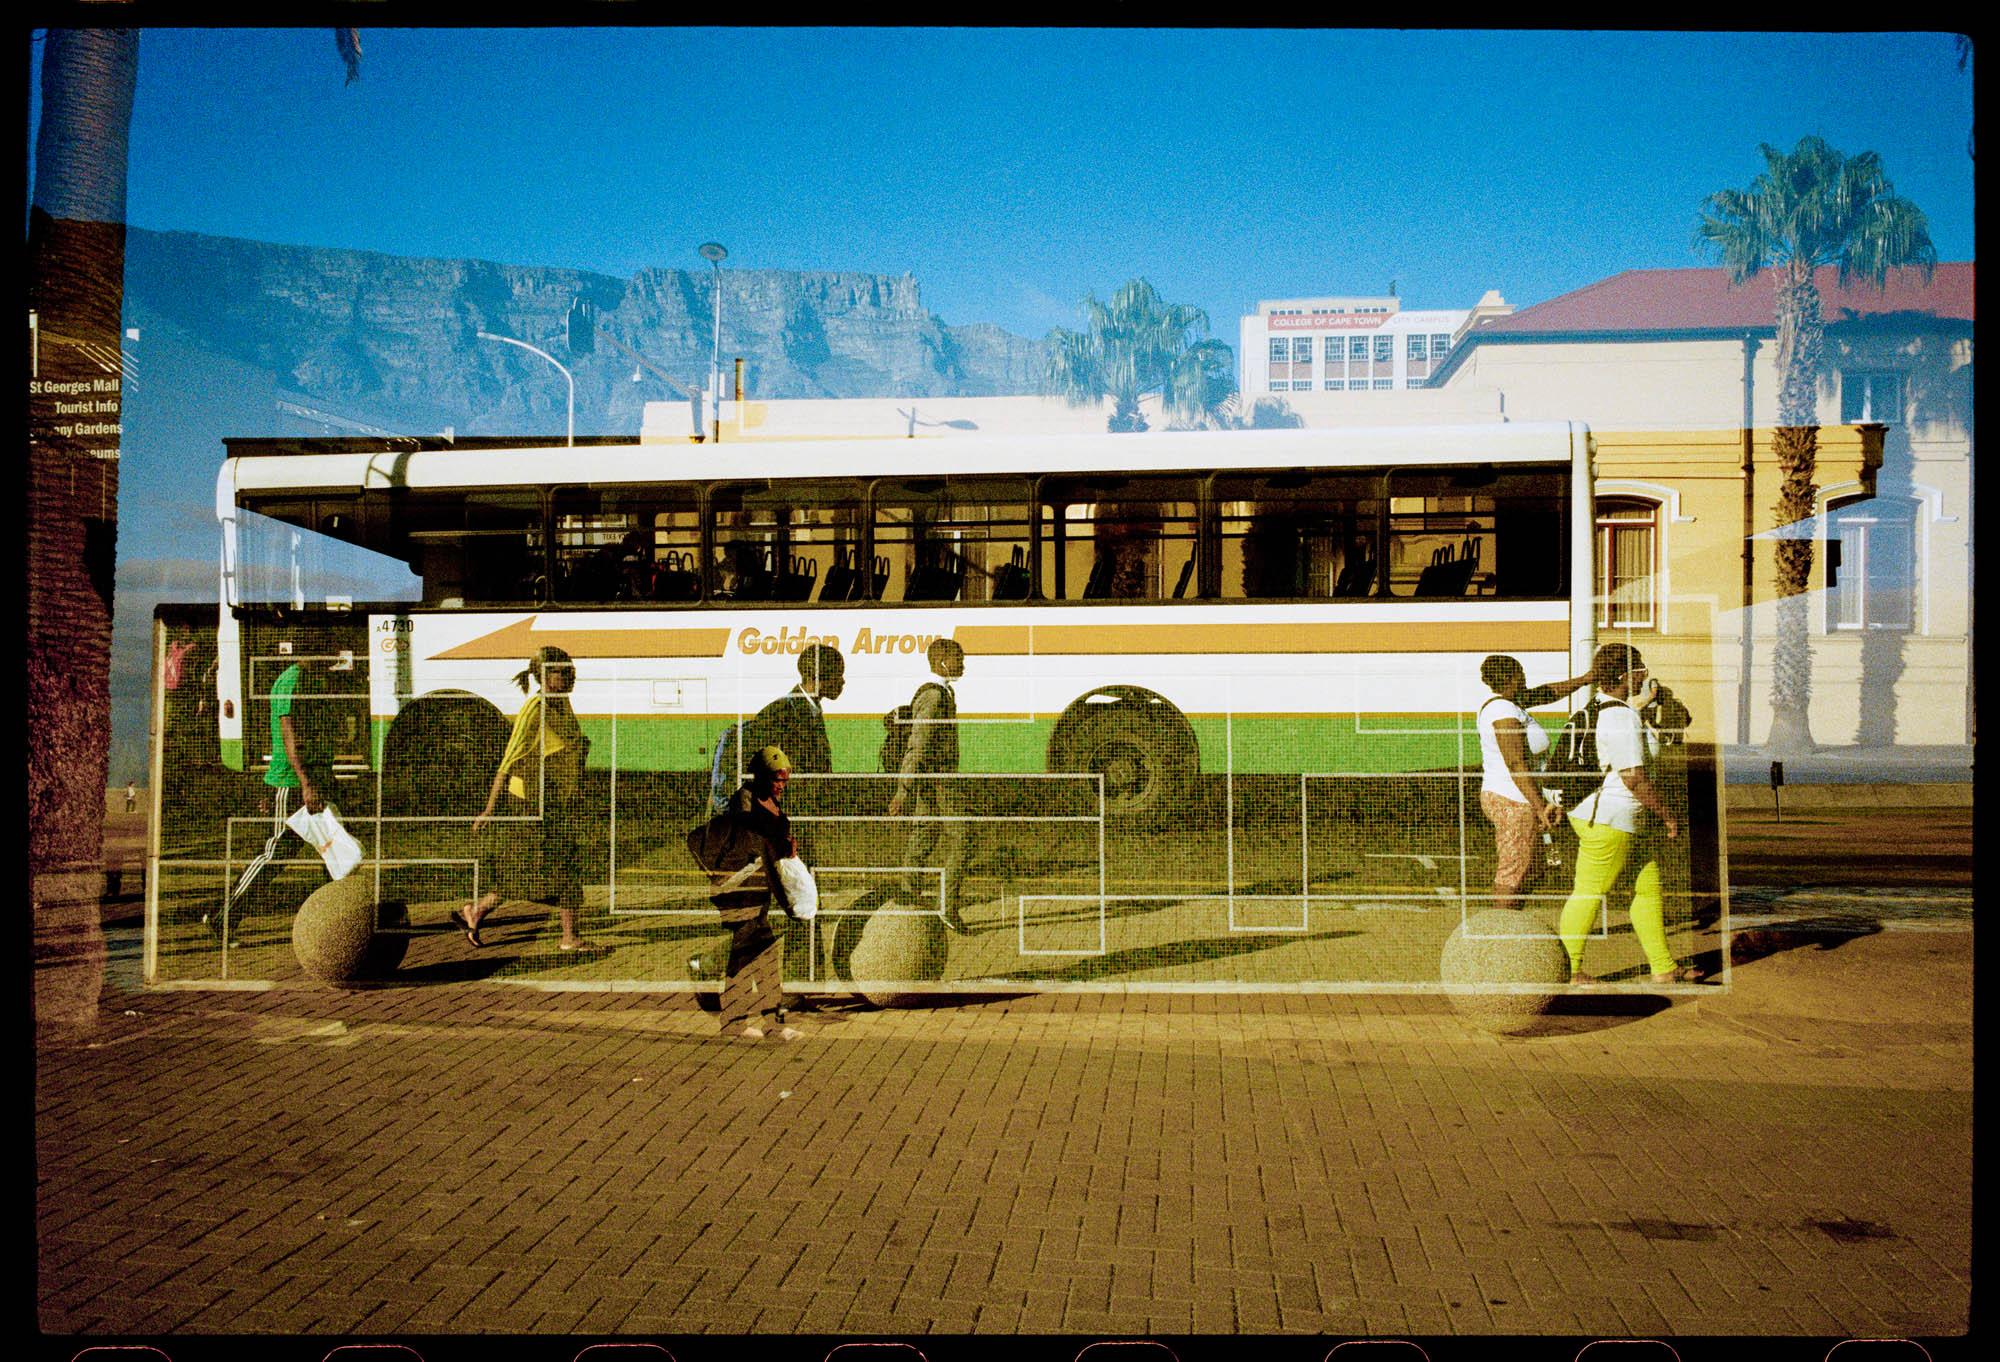 Bus_A4.jpg